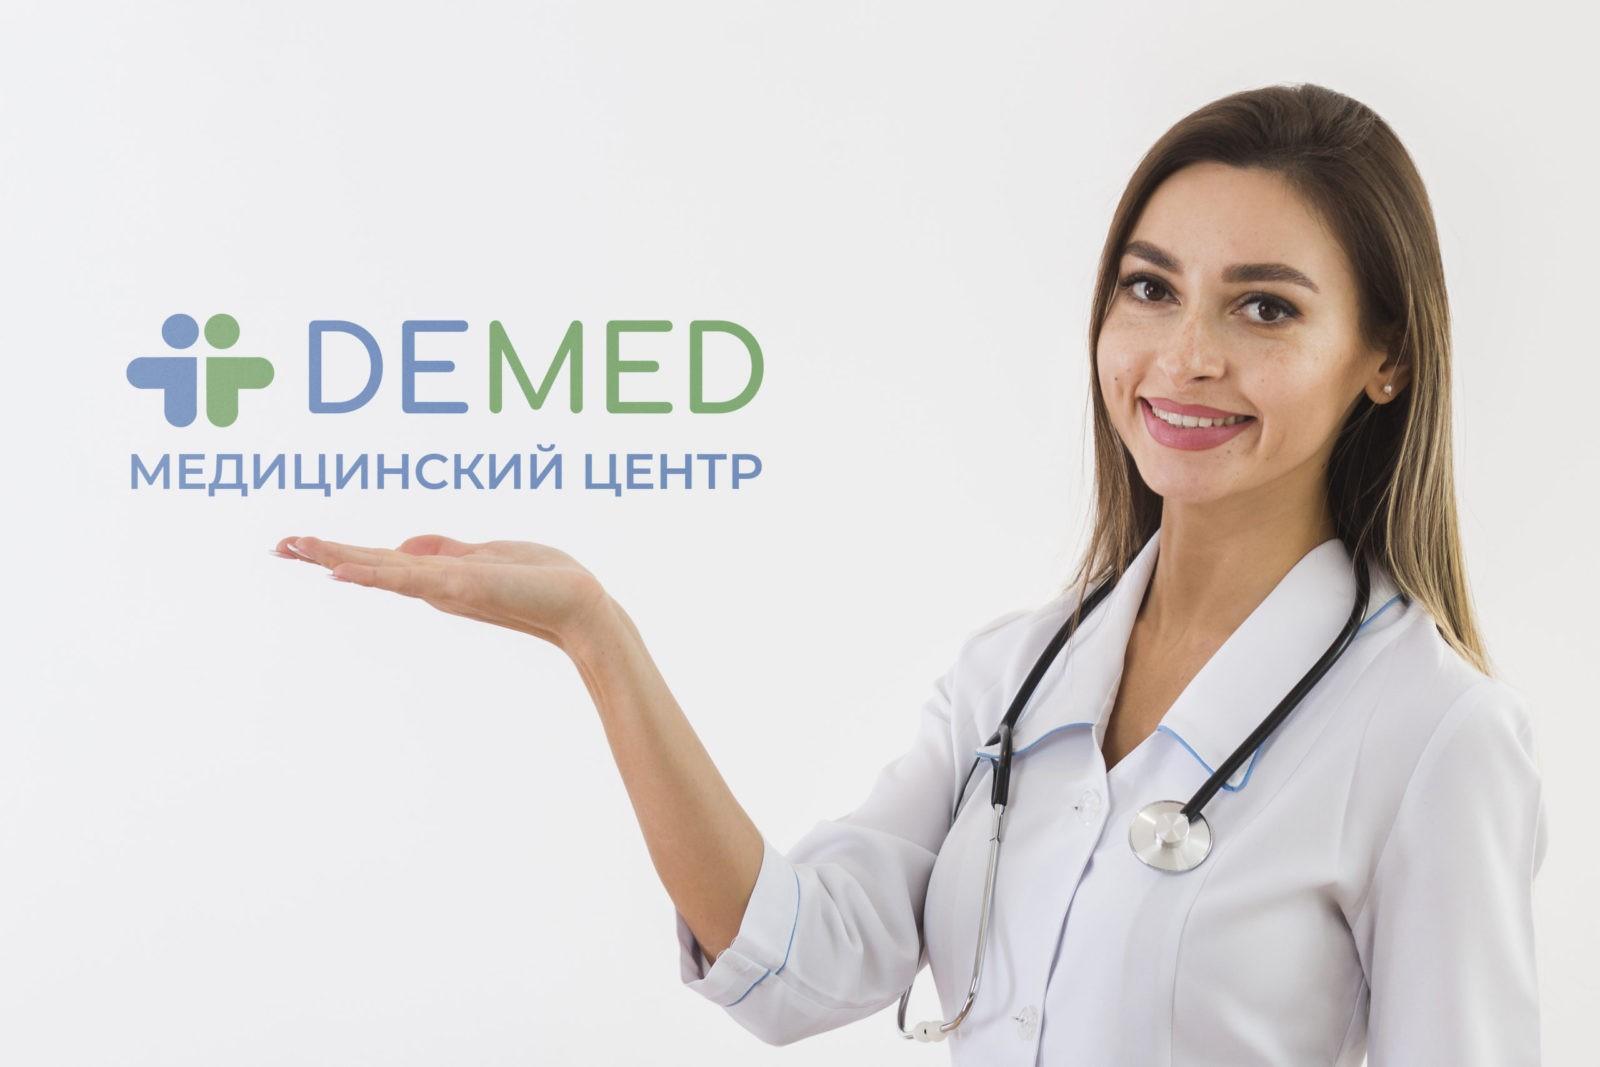 медицинский центр Демед